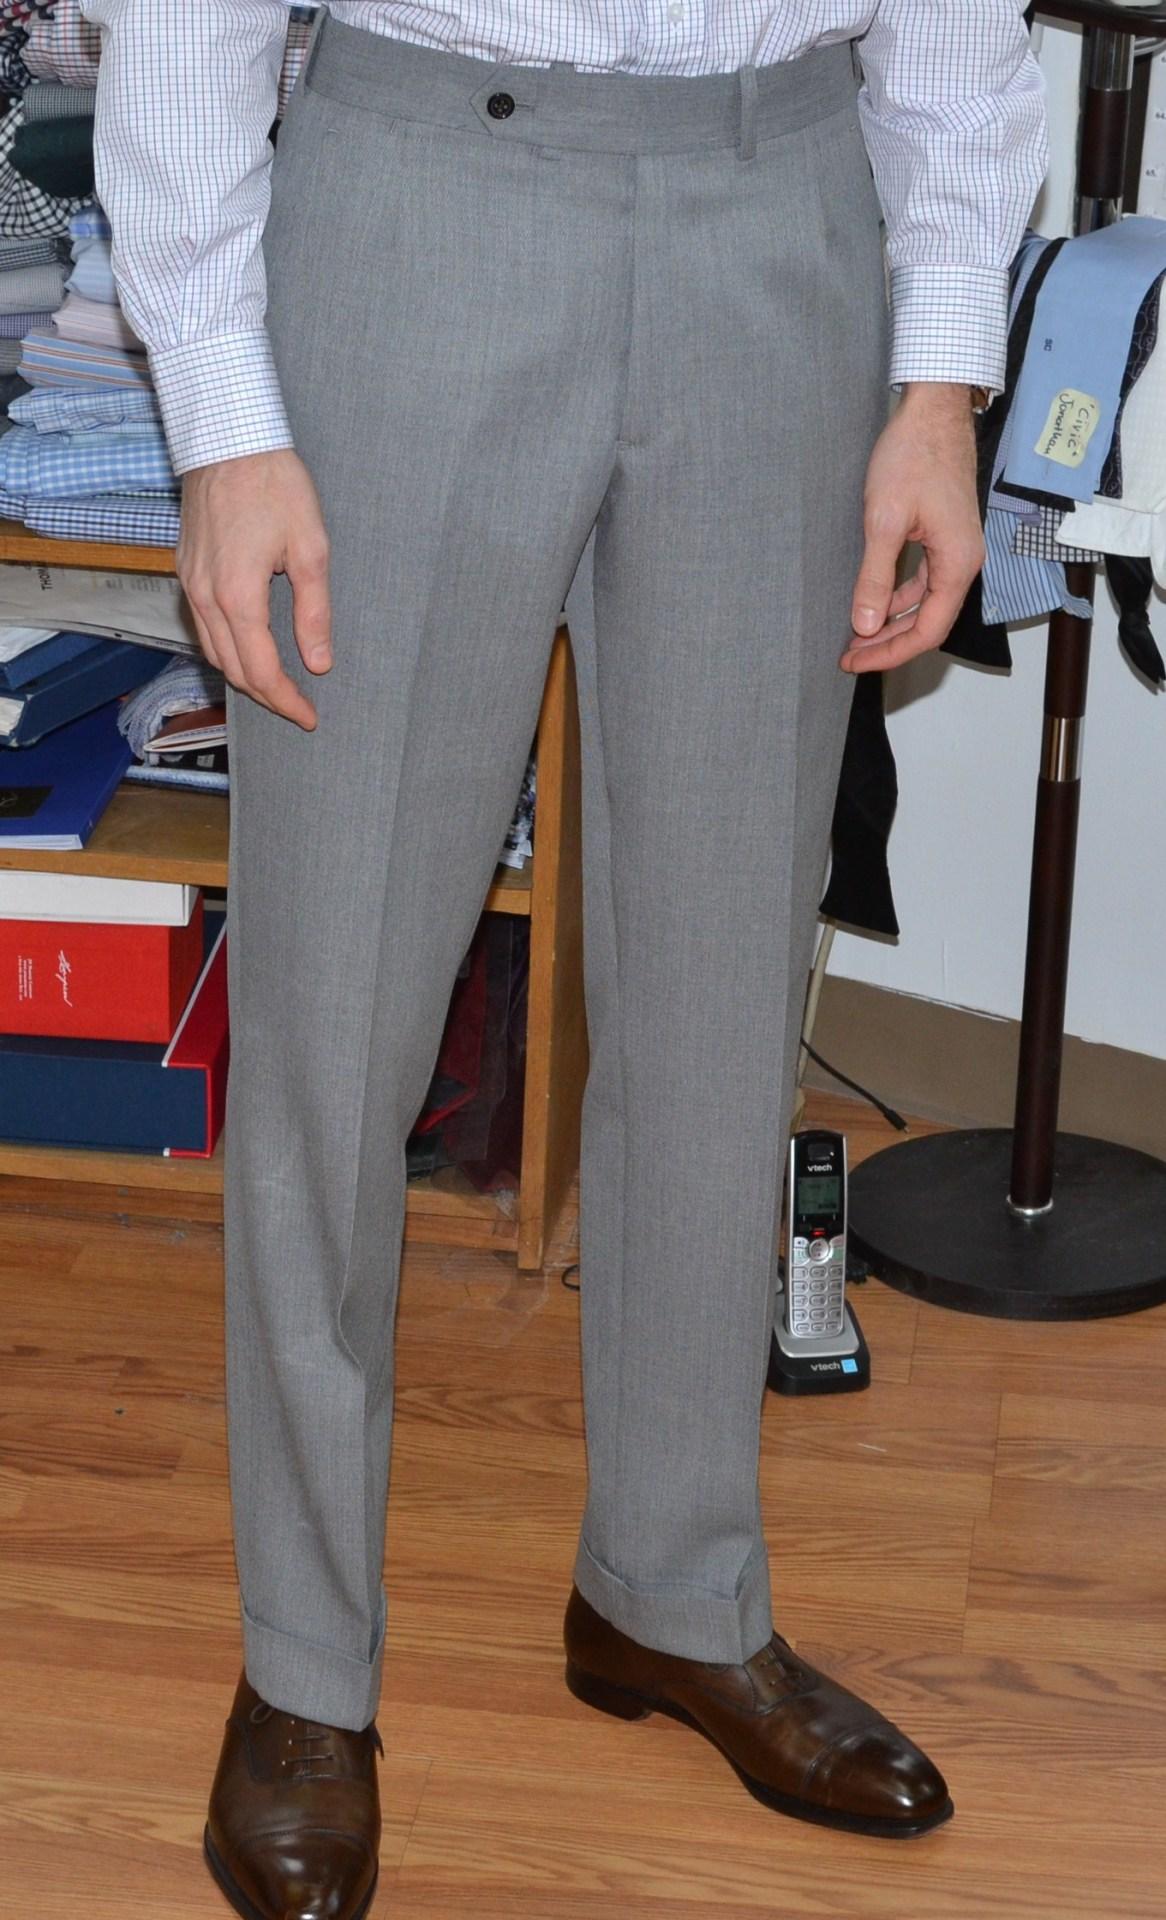 How Pants Should Fit